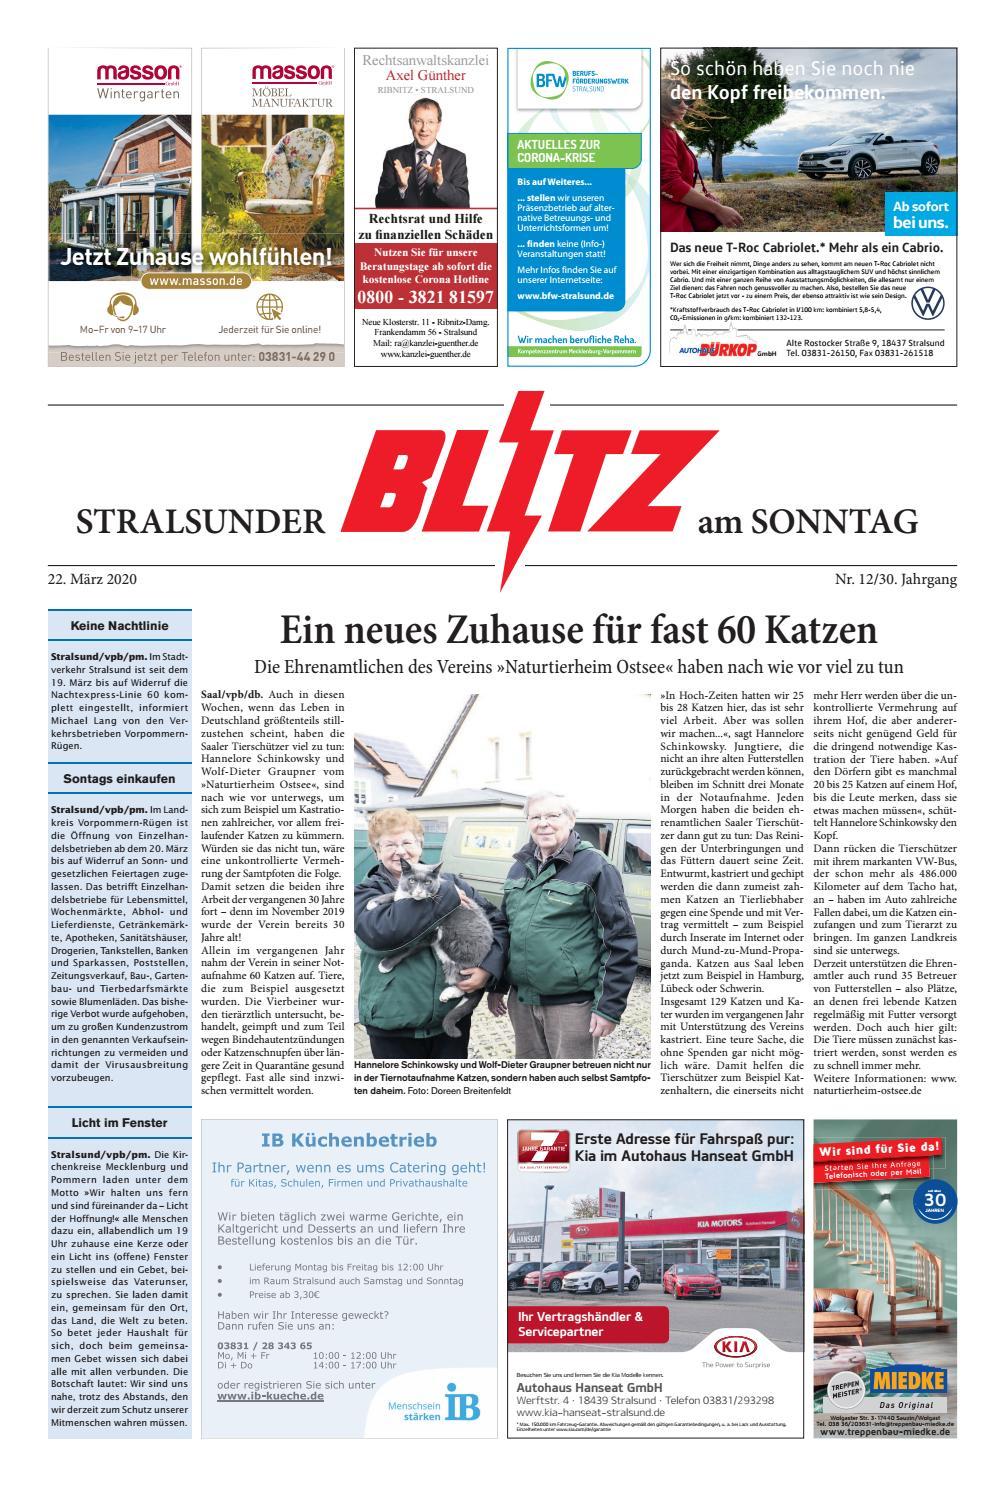 Thomas Philipps Onlineshop De Haus Und Garten Elegant Stralsunder Blitz Vom 22 03 2020 by Blitzverlag issuu